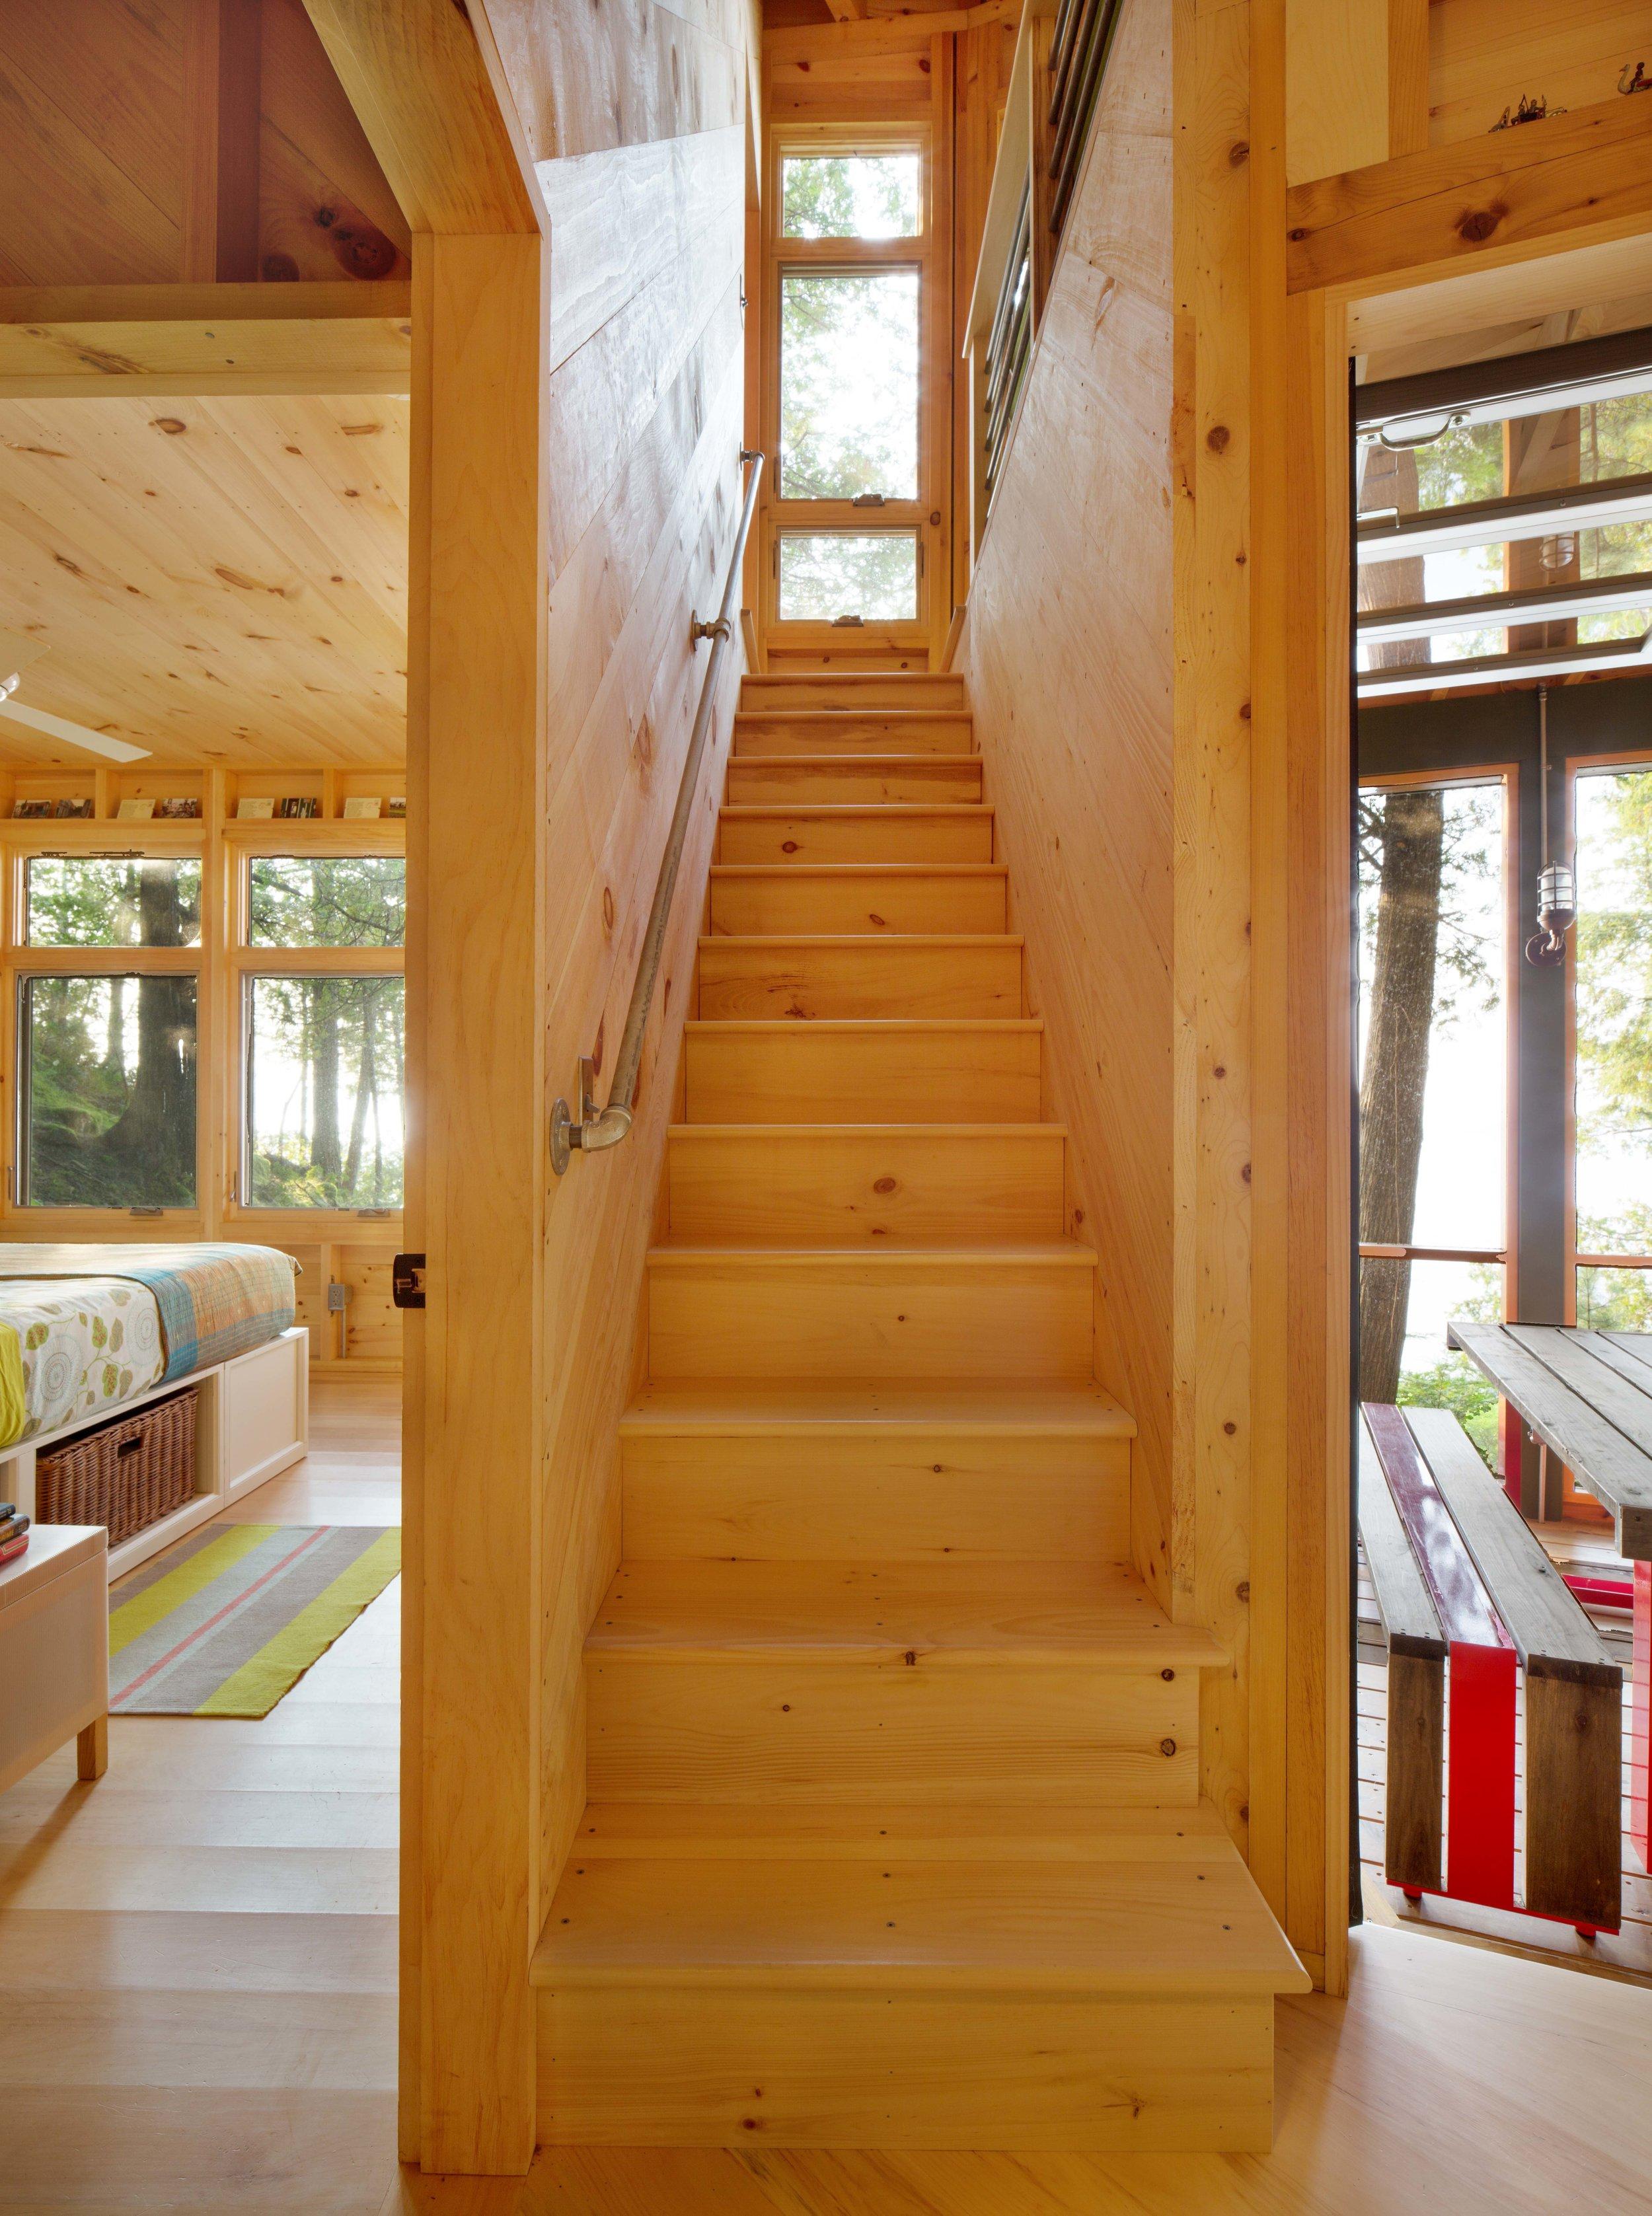 Gignoux_Stairs Stitch (5859).jpg